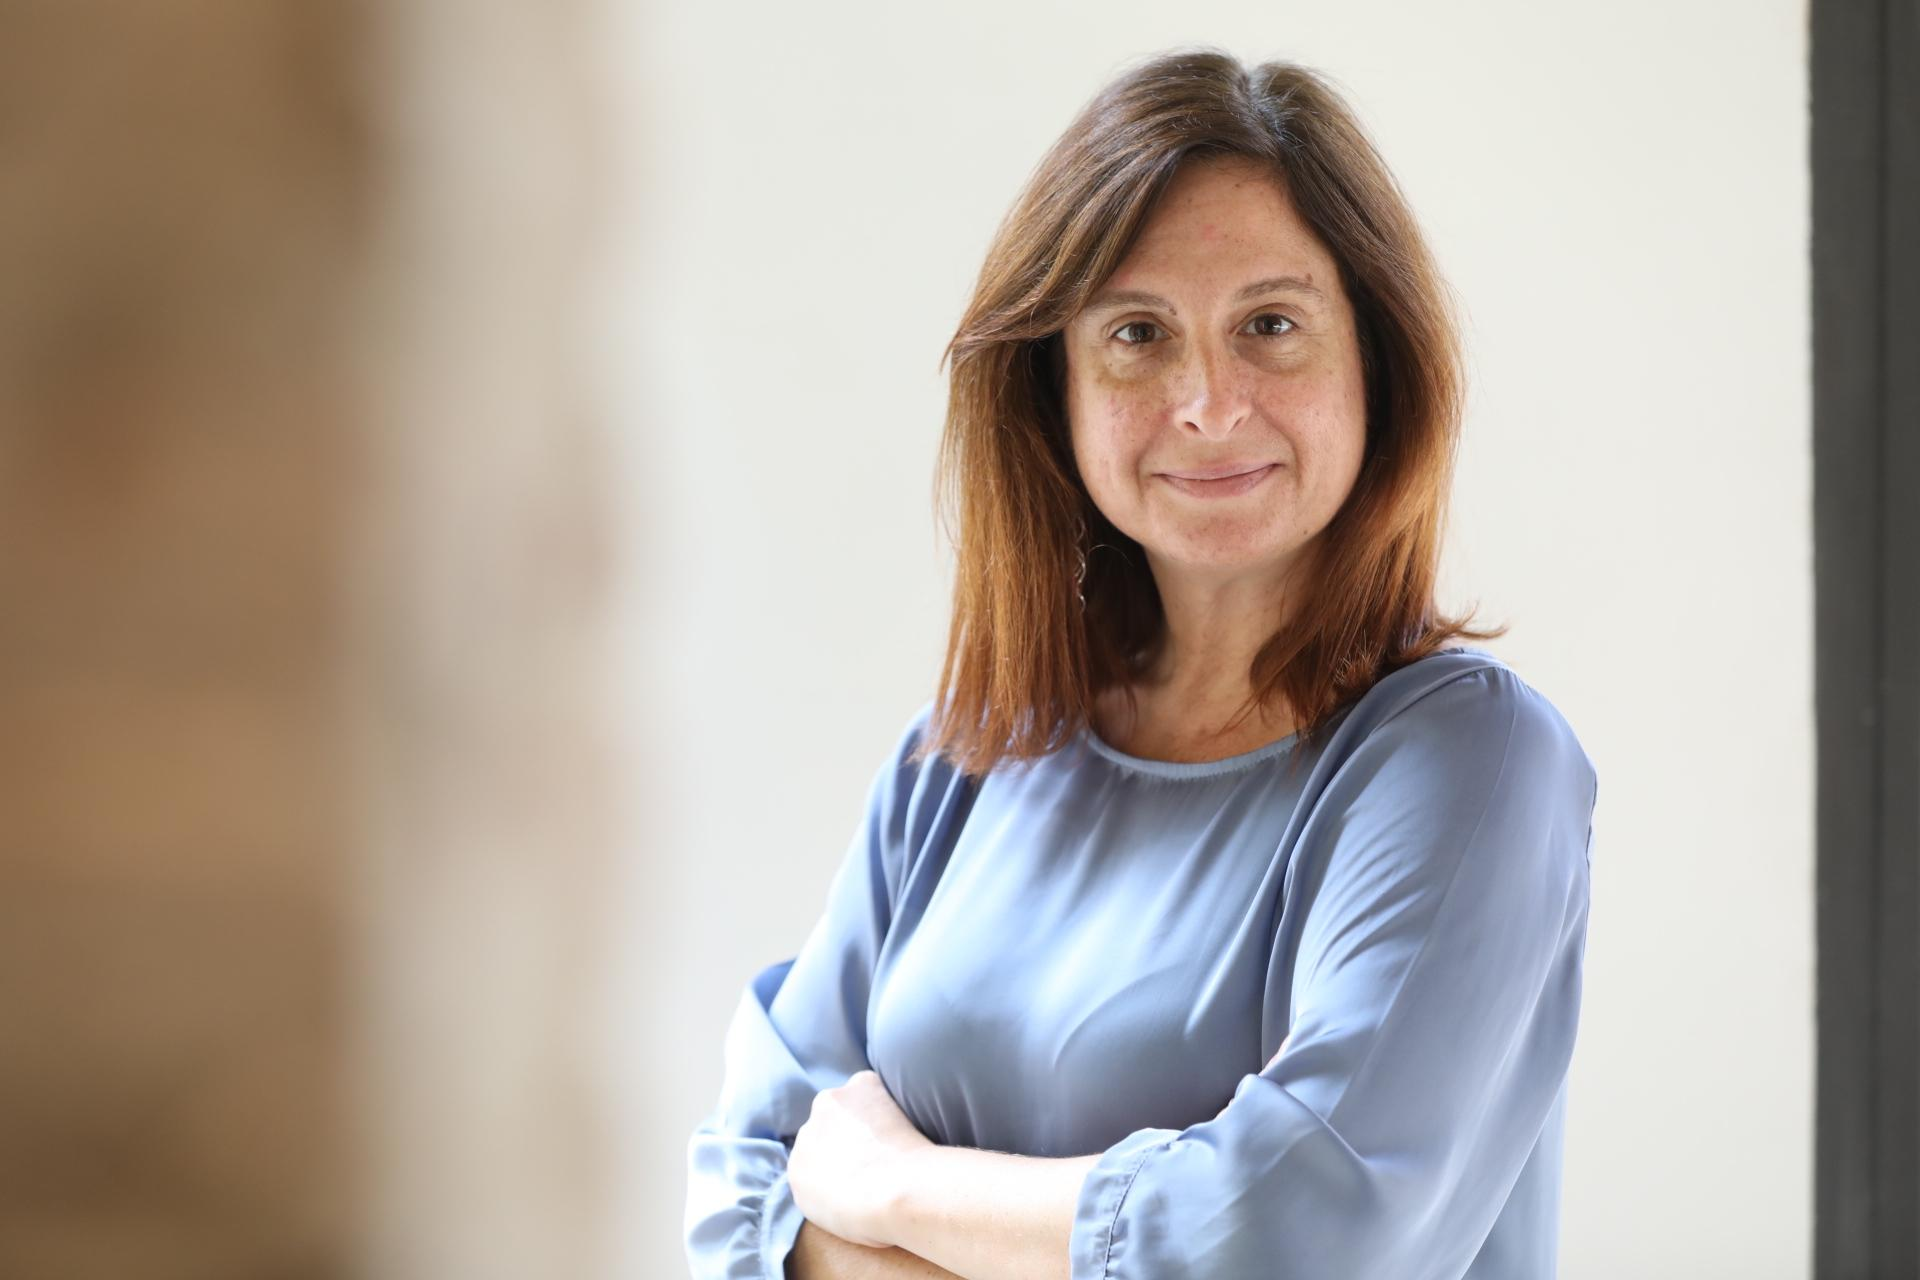 Si?lvia Barroso, nova directora d'El M?n / Jordi Play